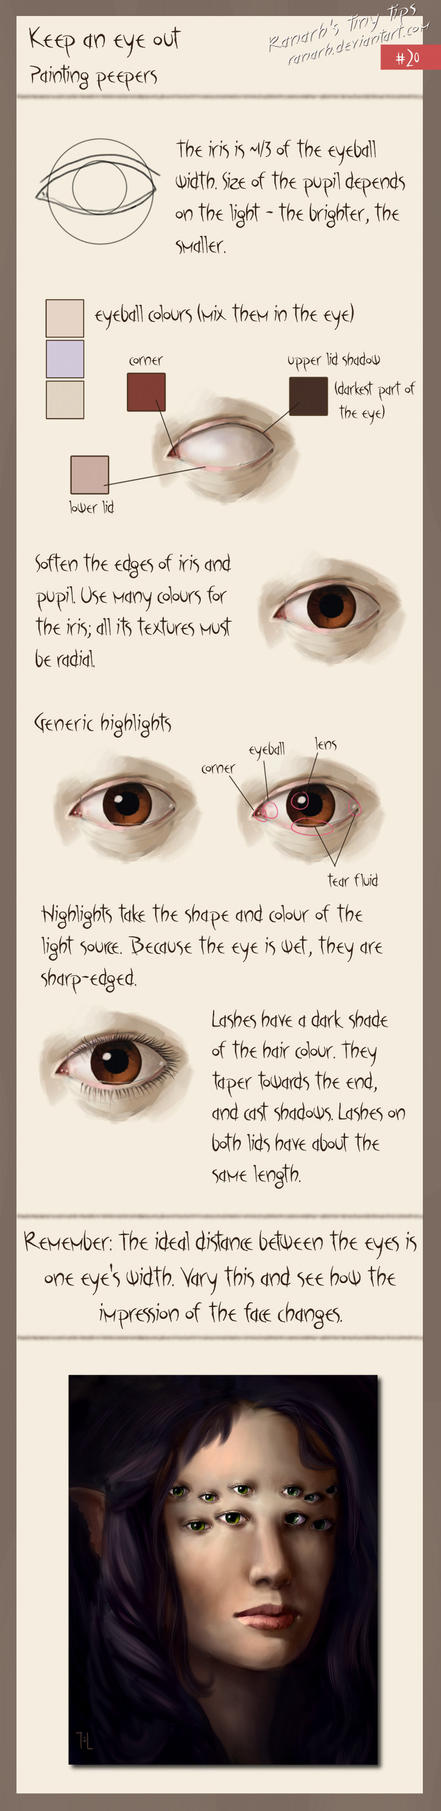 Tiny tips: Keep an eye out by Ranarh